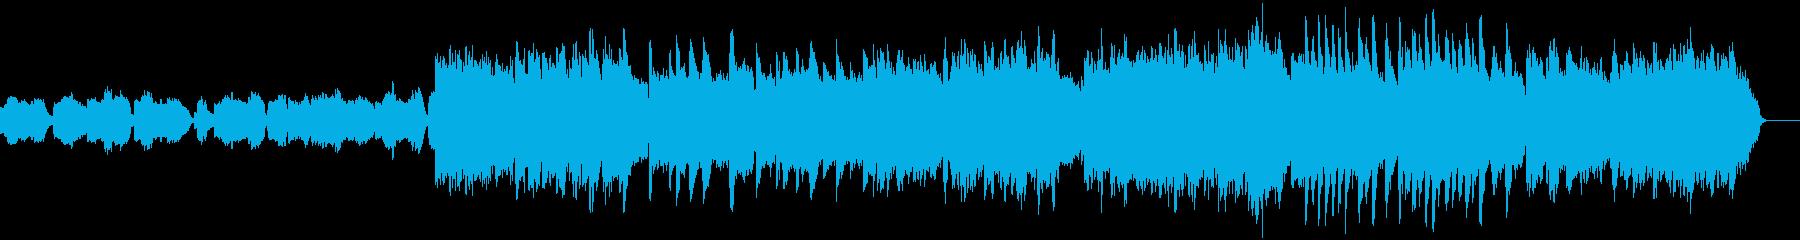 上昇感のあるサックスのバラードの再生済みの波形